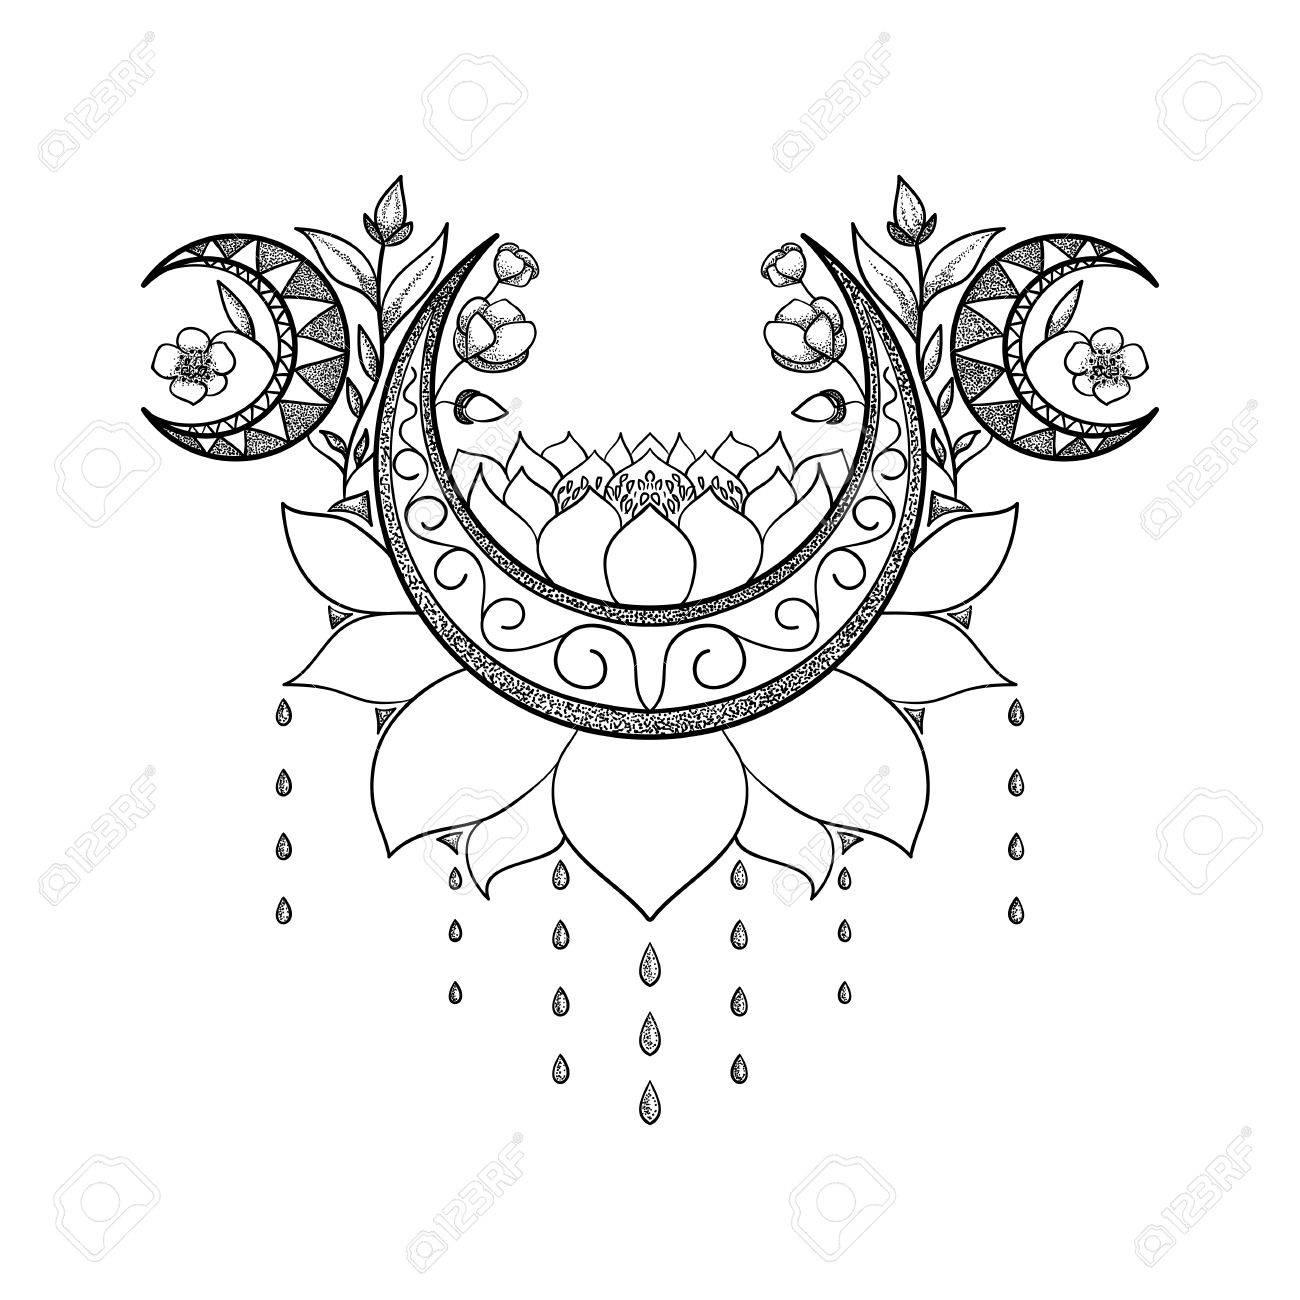 Vector Hand Dessine La Conception De Tatouage Croissant De Lune La